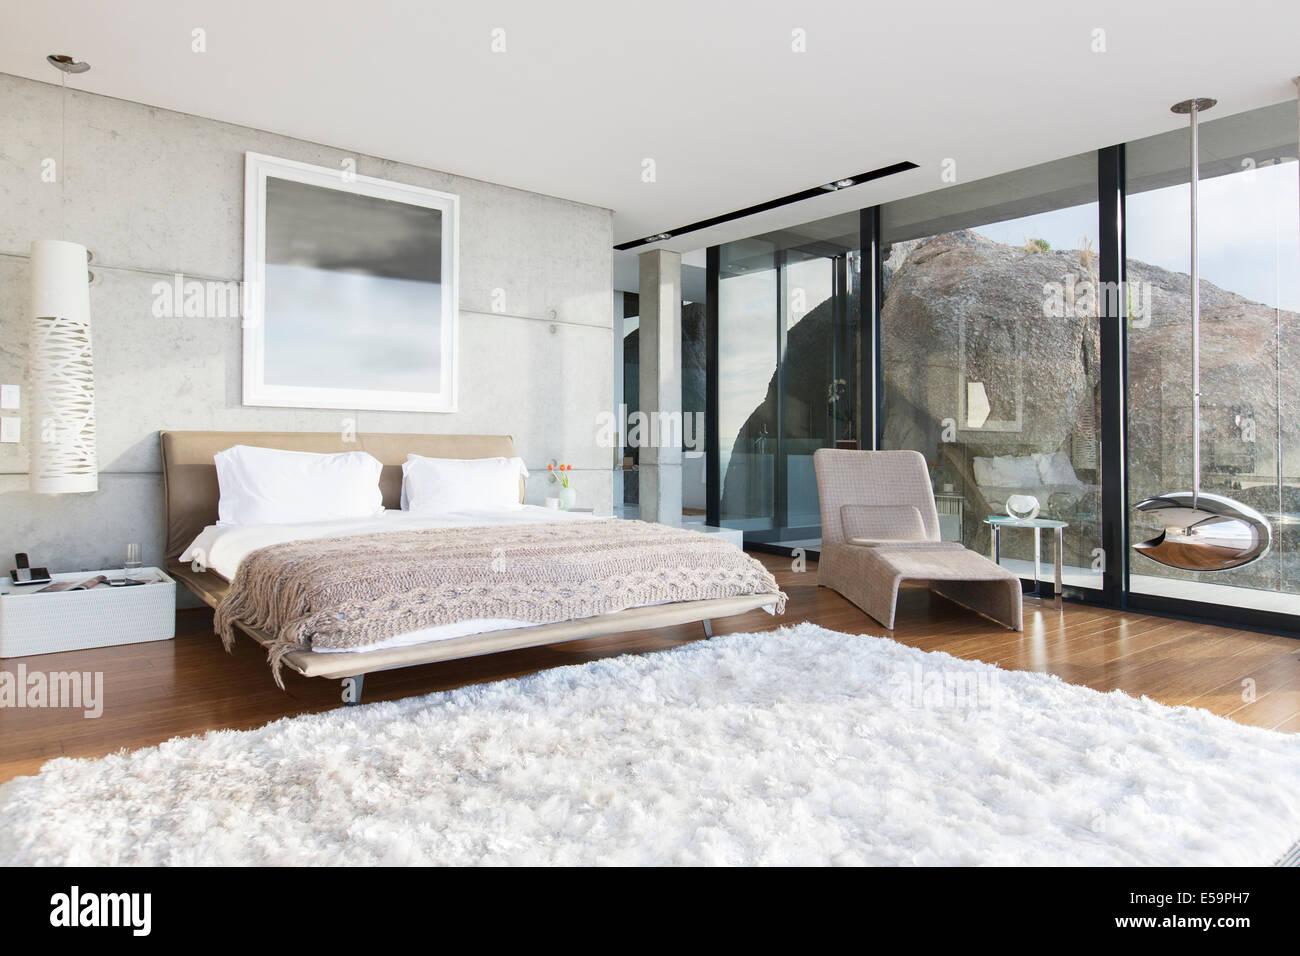 Shag alfombra en dormitorio moderno foto imagen de stock for Alfombras en dormitorios